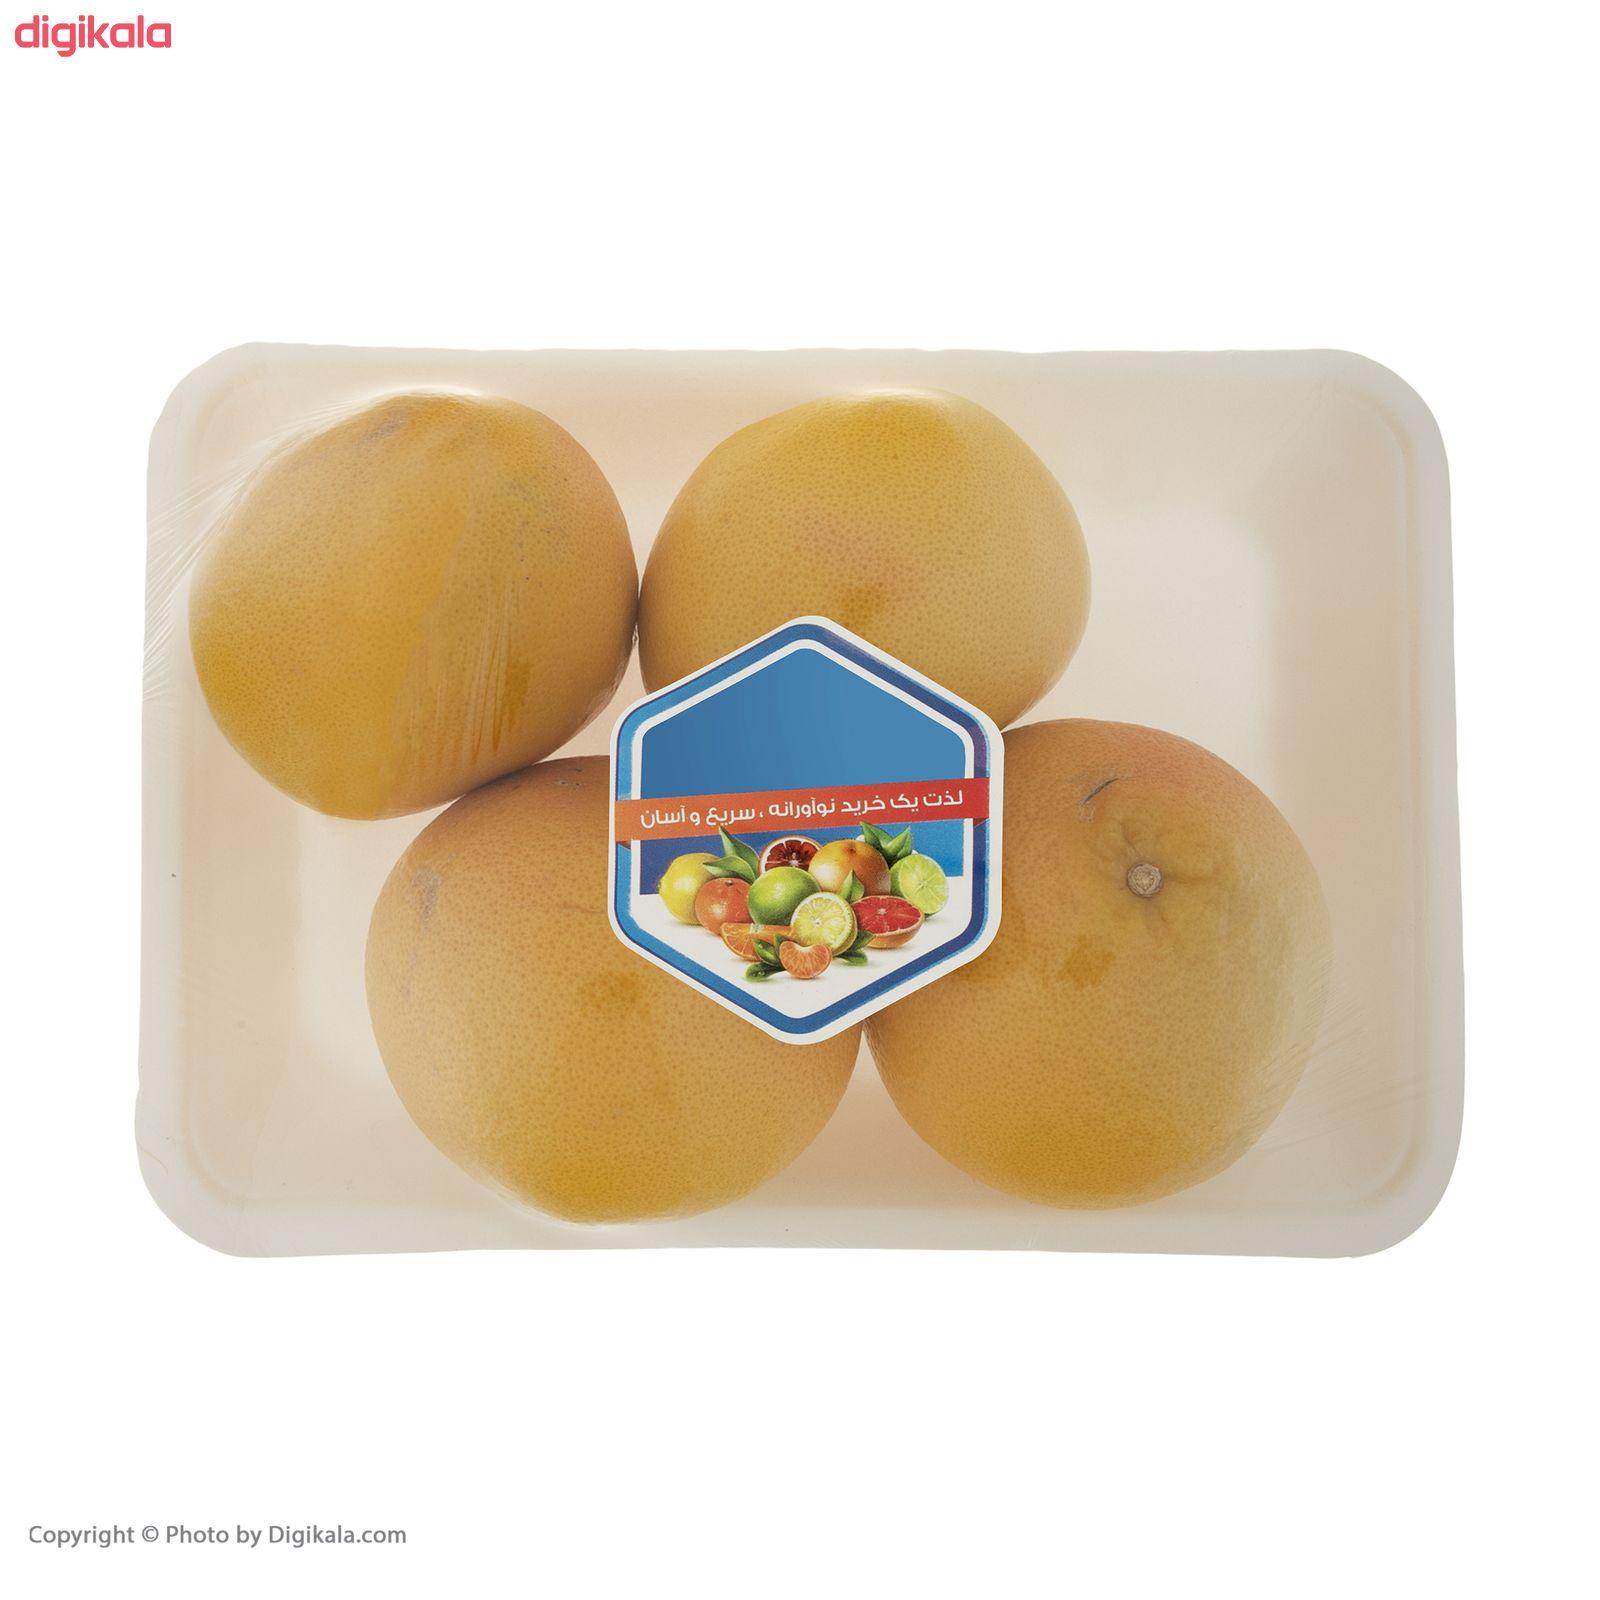 گریپ فروت میوه پلاس - 1 کیلوگرم main 1 3